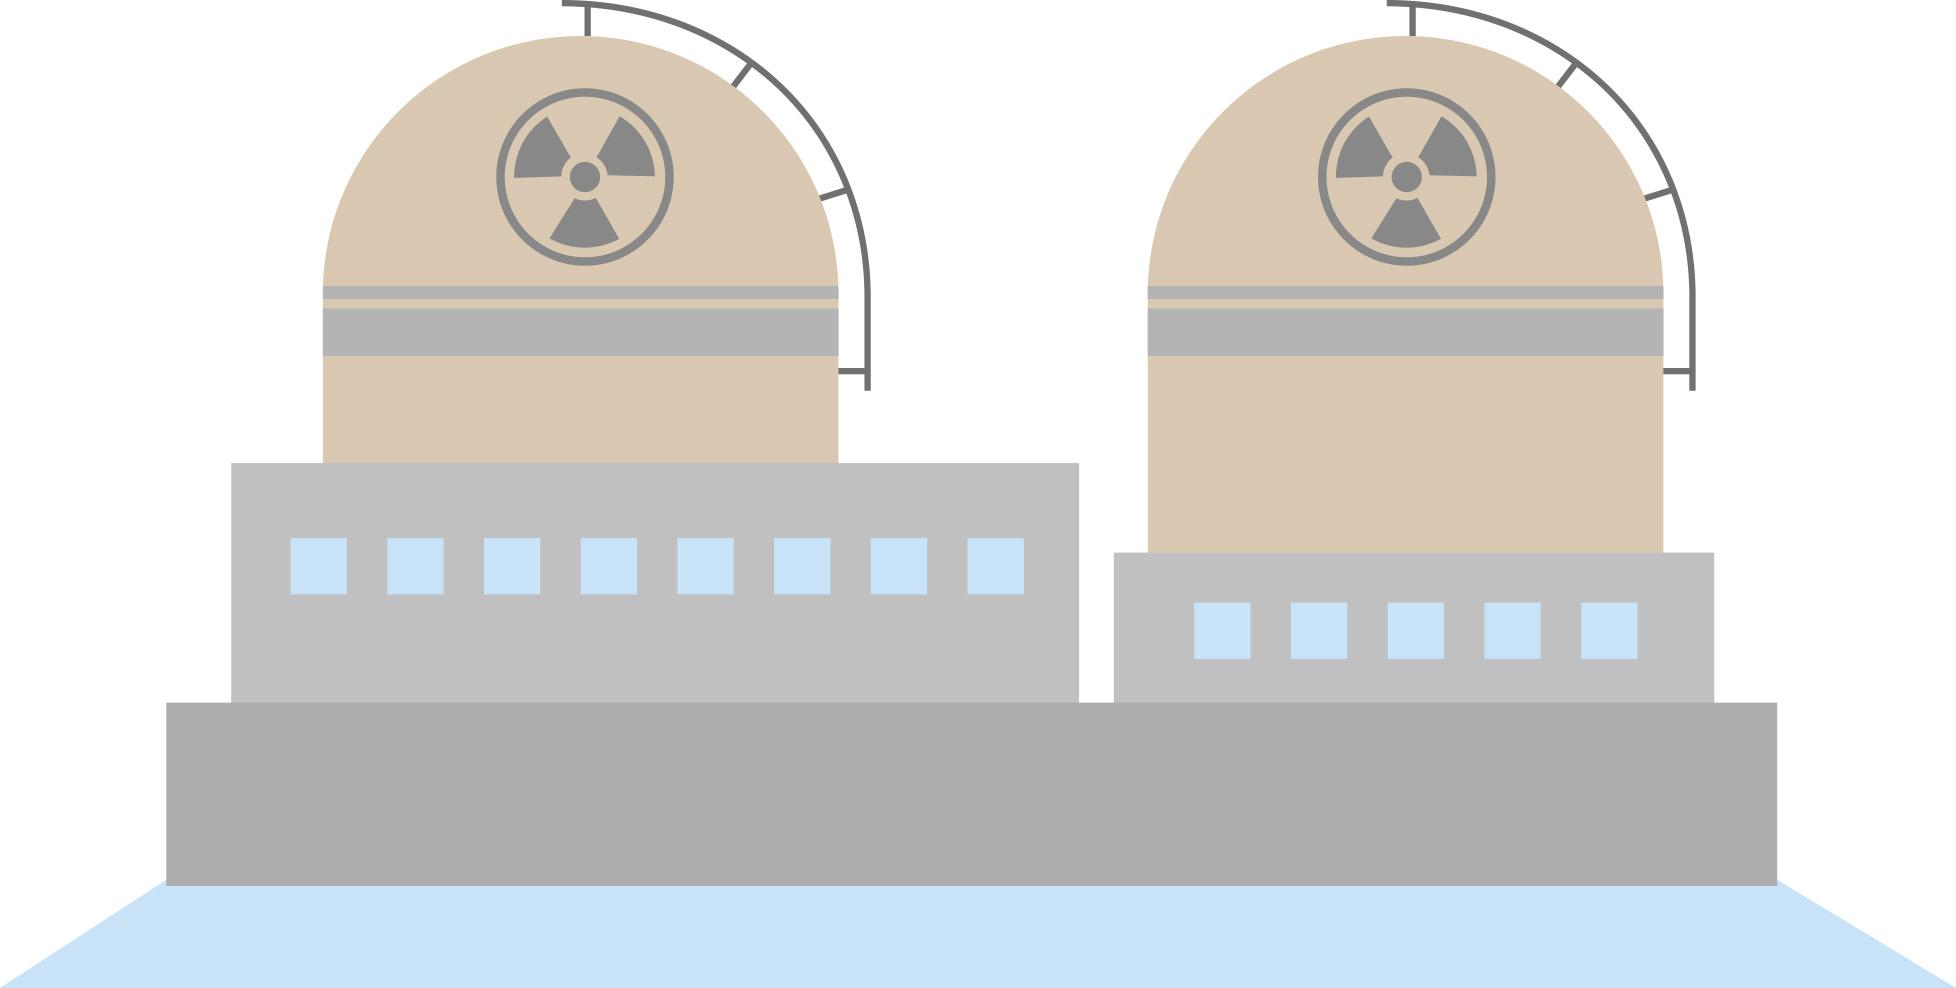 いわき放射能市民測定室が行っているセシウムの測定結果が恐ろしいことになっている